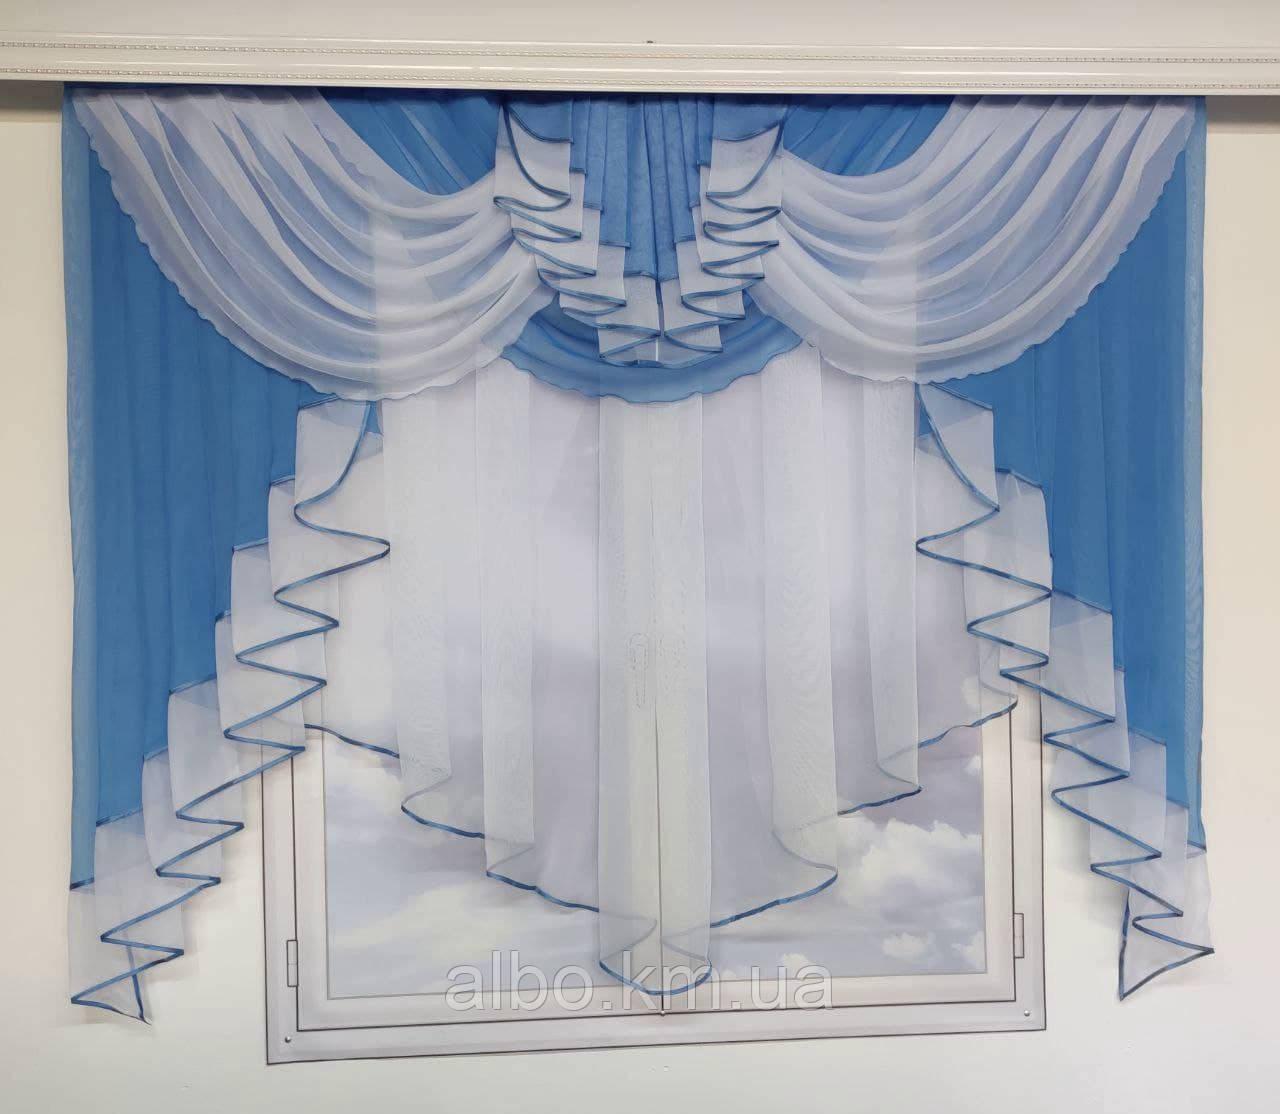 Красива фіранка в дитячу спальню кухню, модні фіранки для залу спальні, якісний тюль для залу вітальні кімнати ALBO 200x160 см